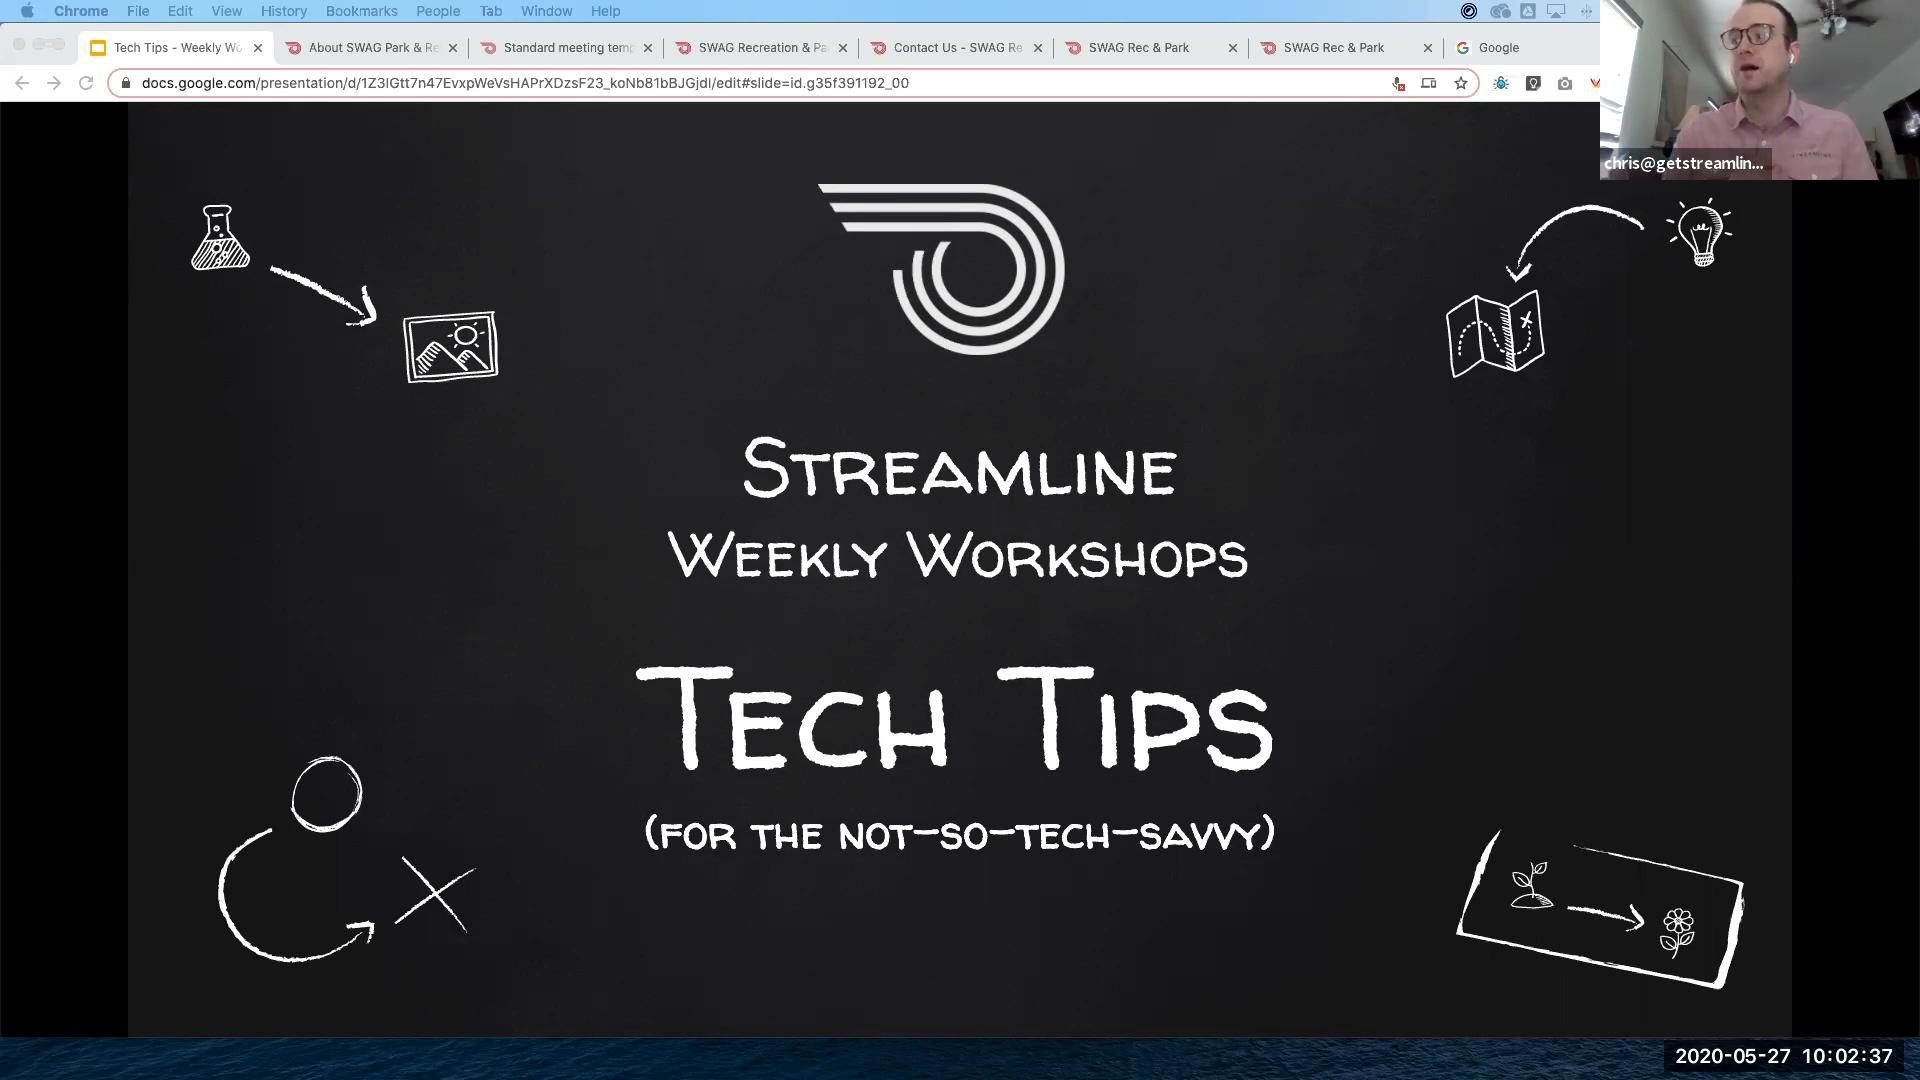 Streamline-workshop-techtips